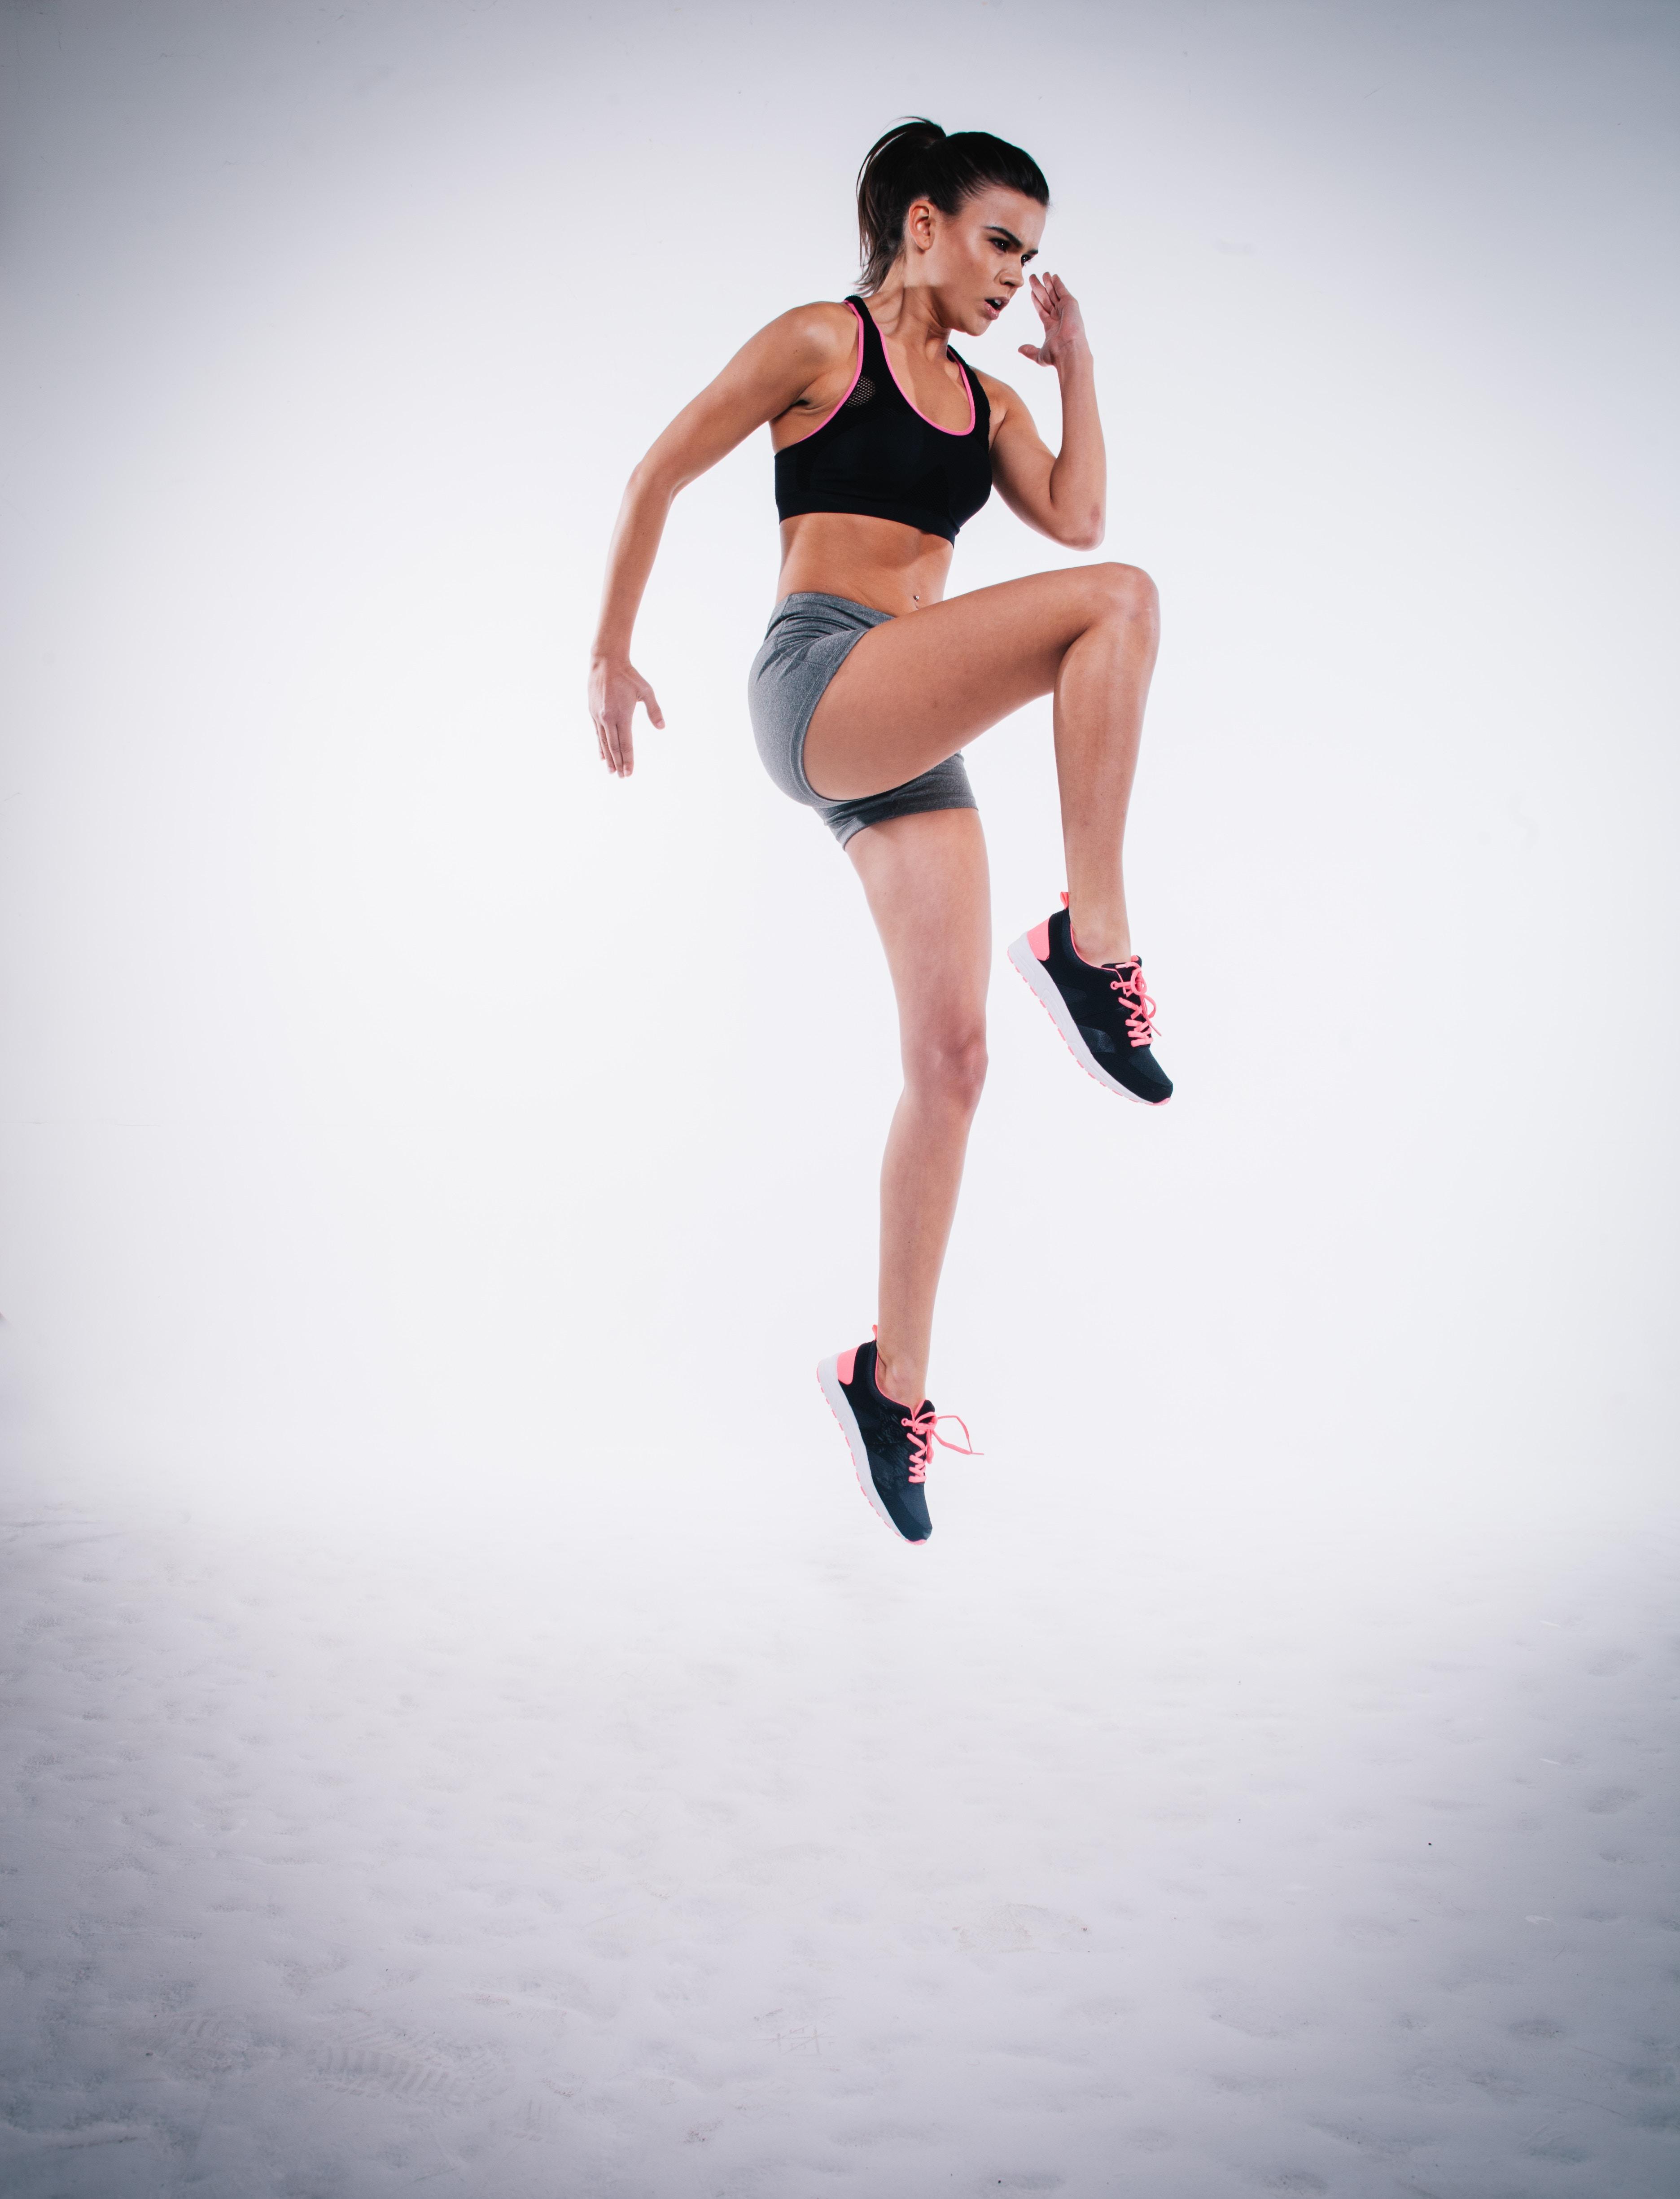 Posiłek przed treningiem będzie różnić się w zależności od tego, w jakiej porze dnia uprawiamy aktywność fizyczną